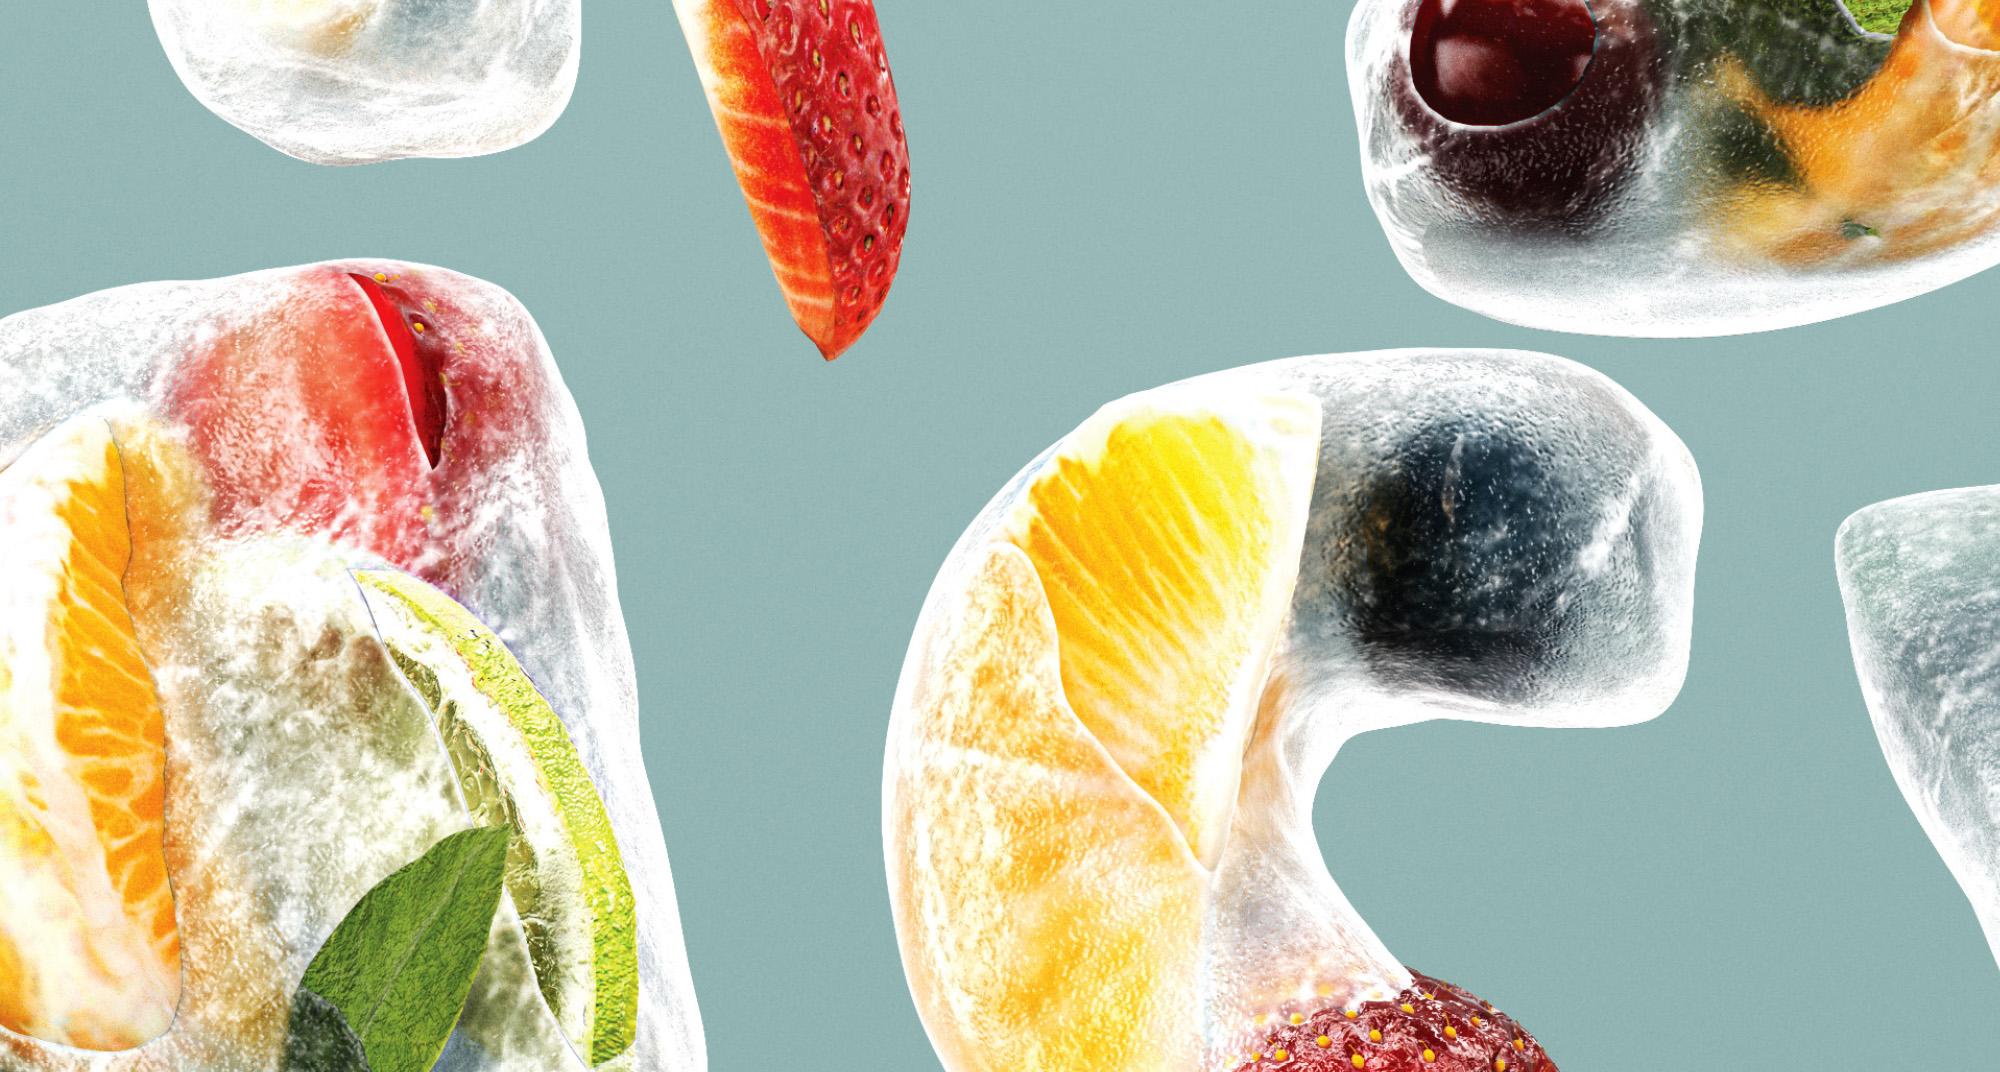 FW_FruitCrop_02